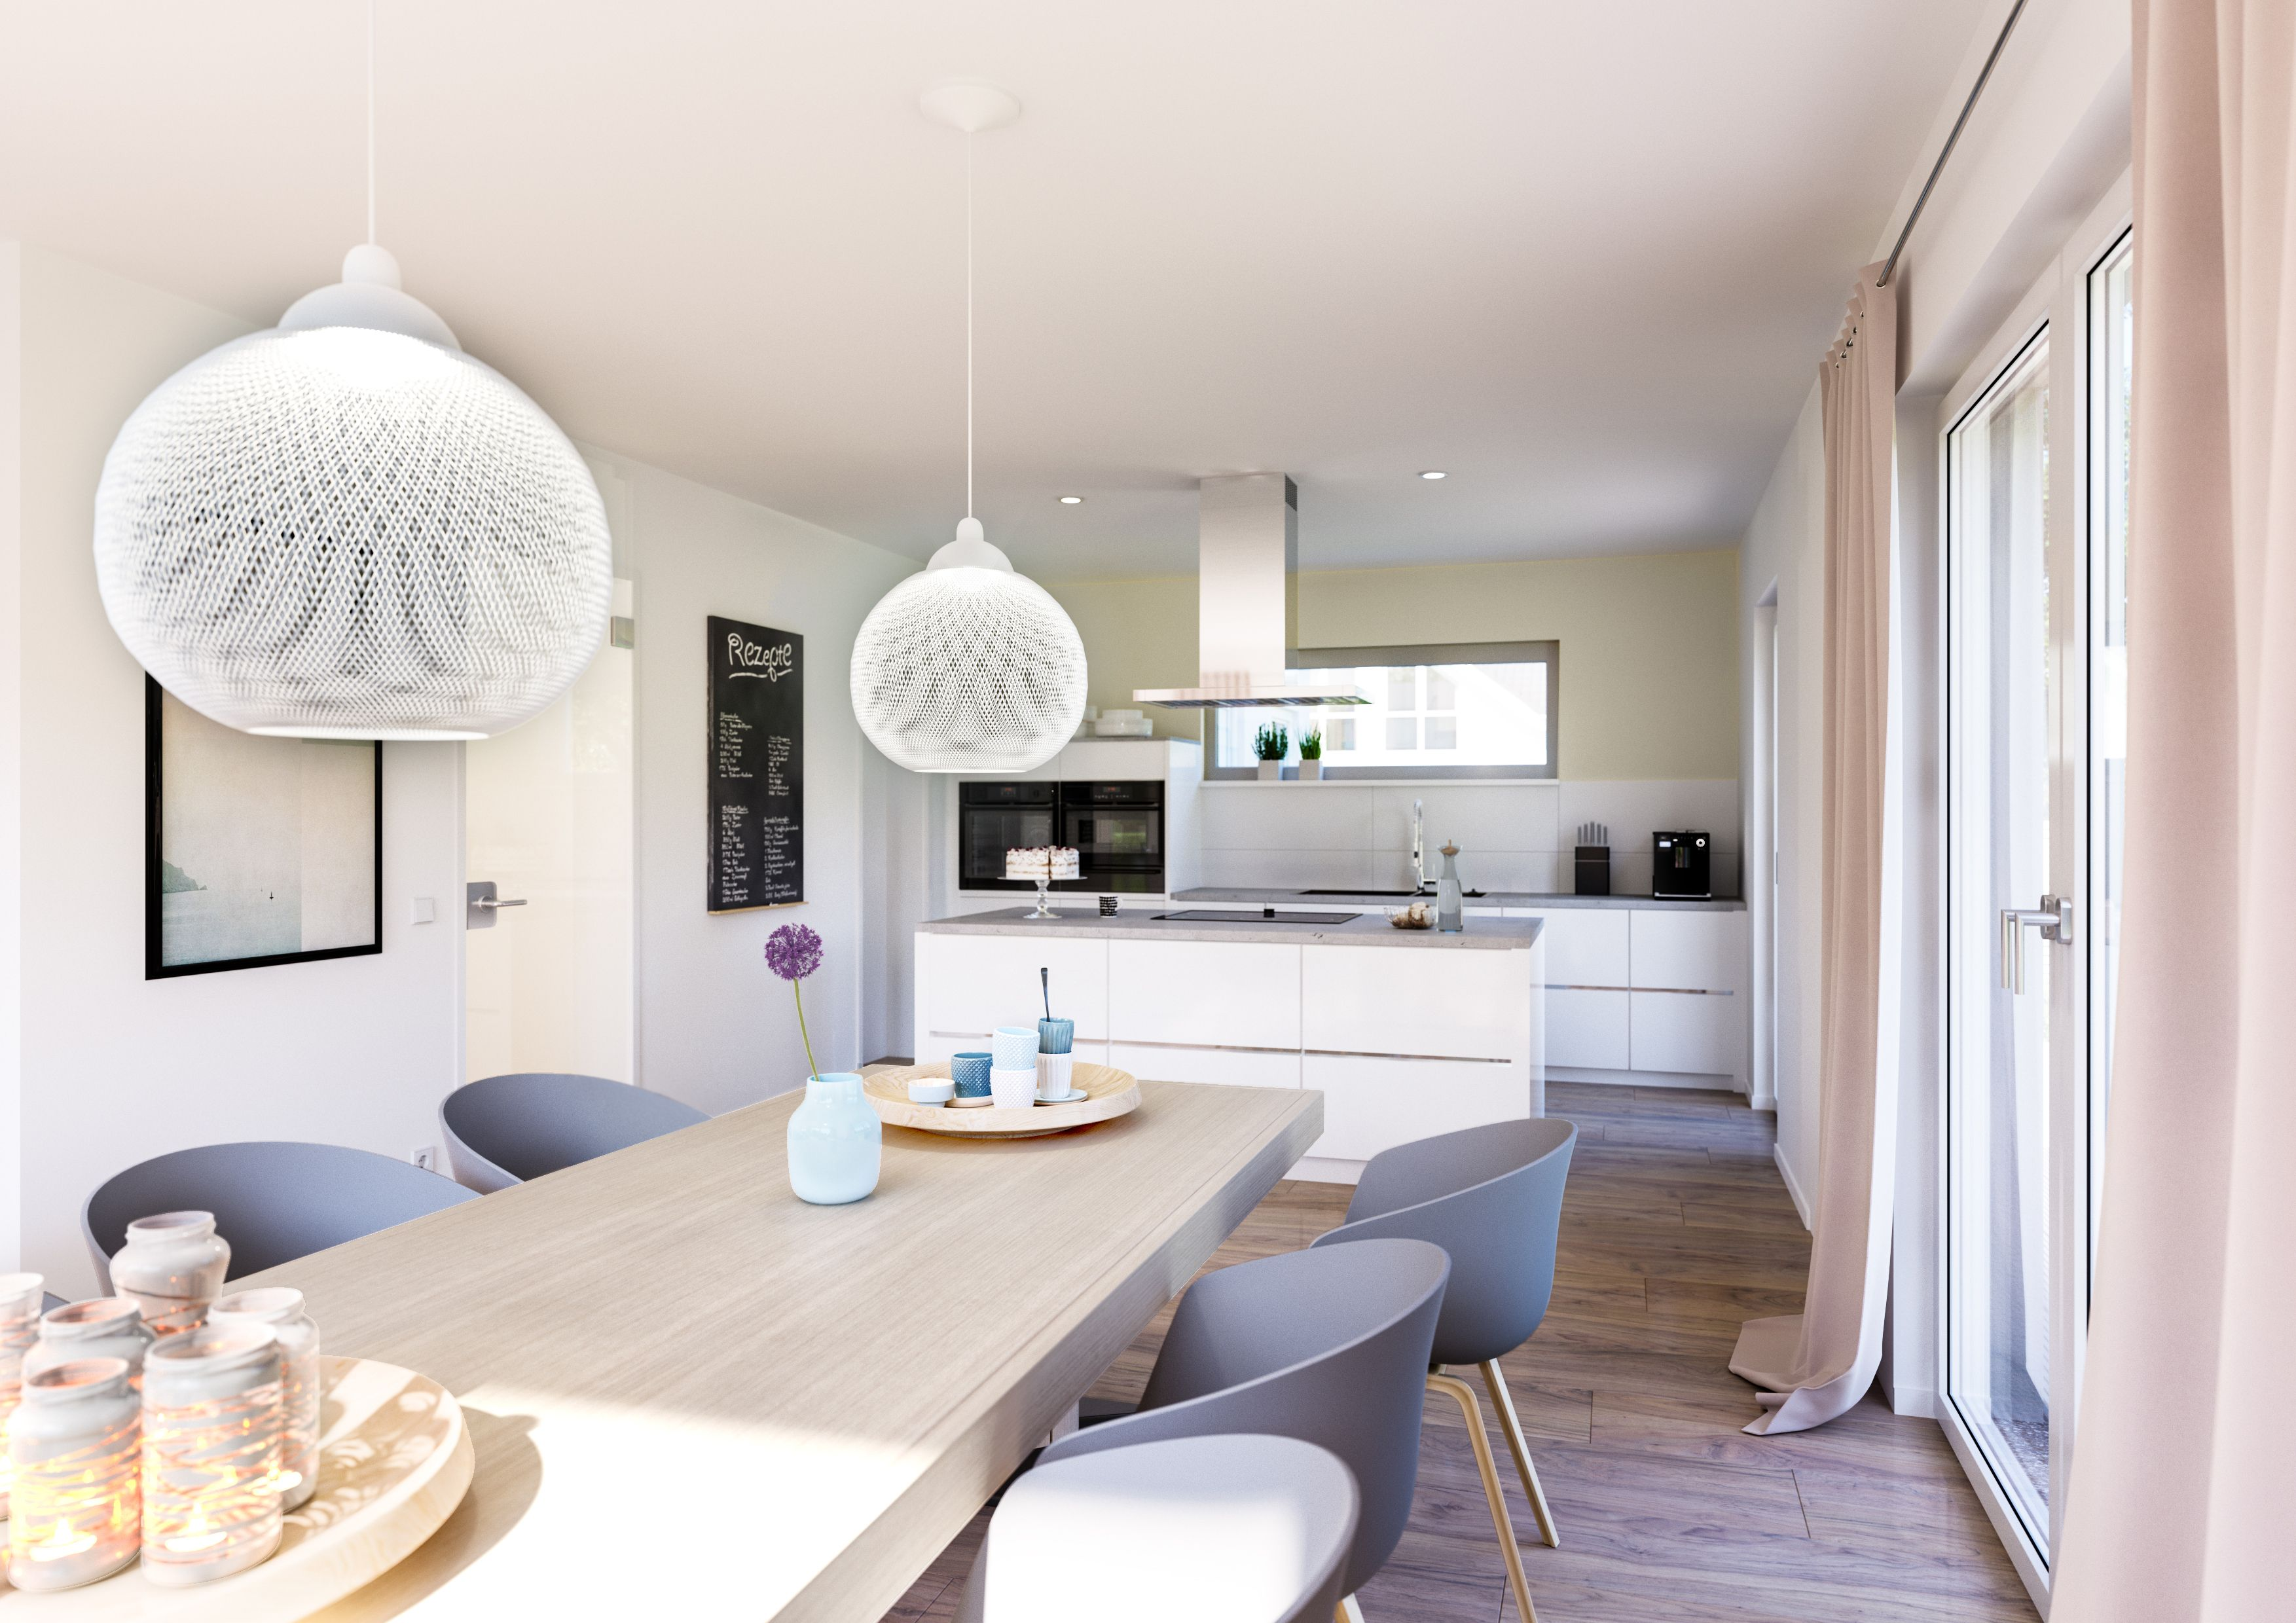 Familienhaus Vero Satteldach Mit Flacher Dachneigung Haus Deko Haus Kuchen Wohn Esszimmer